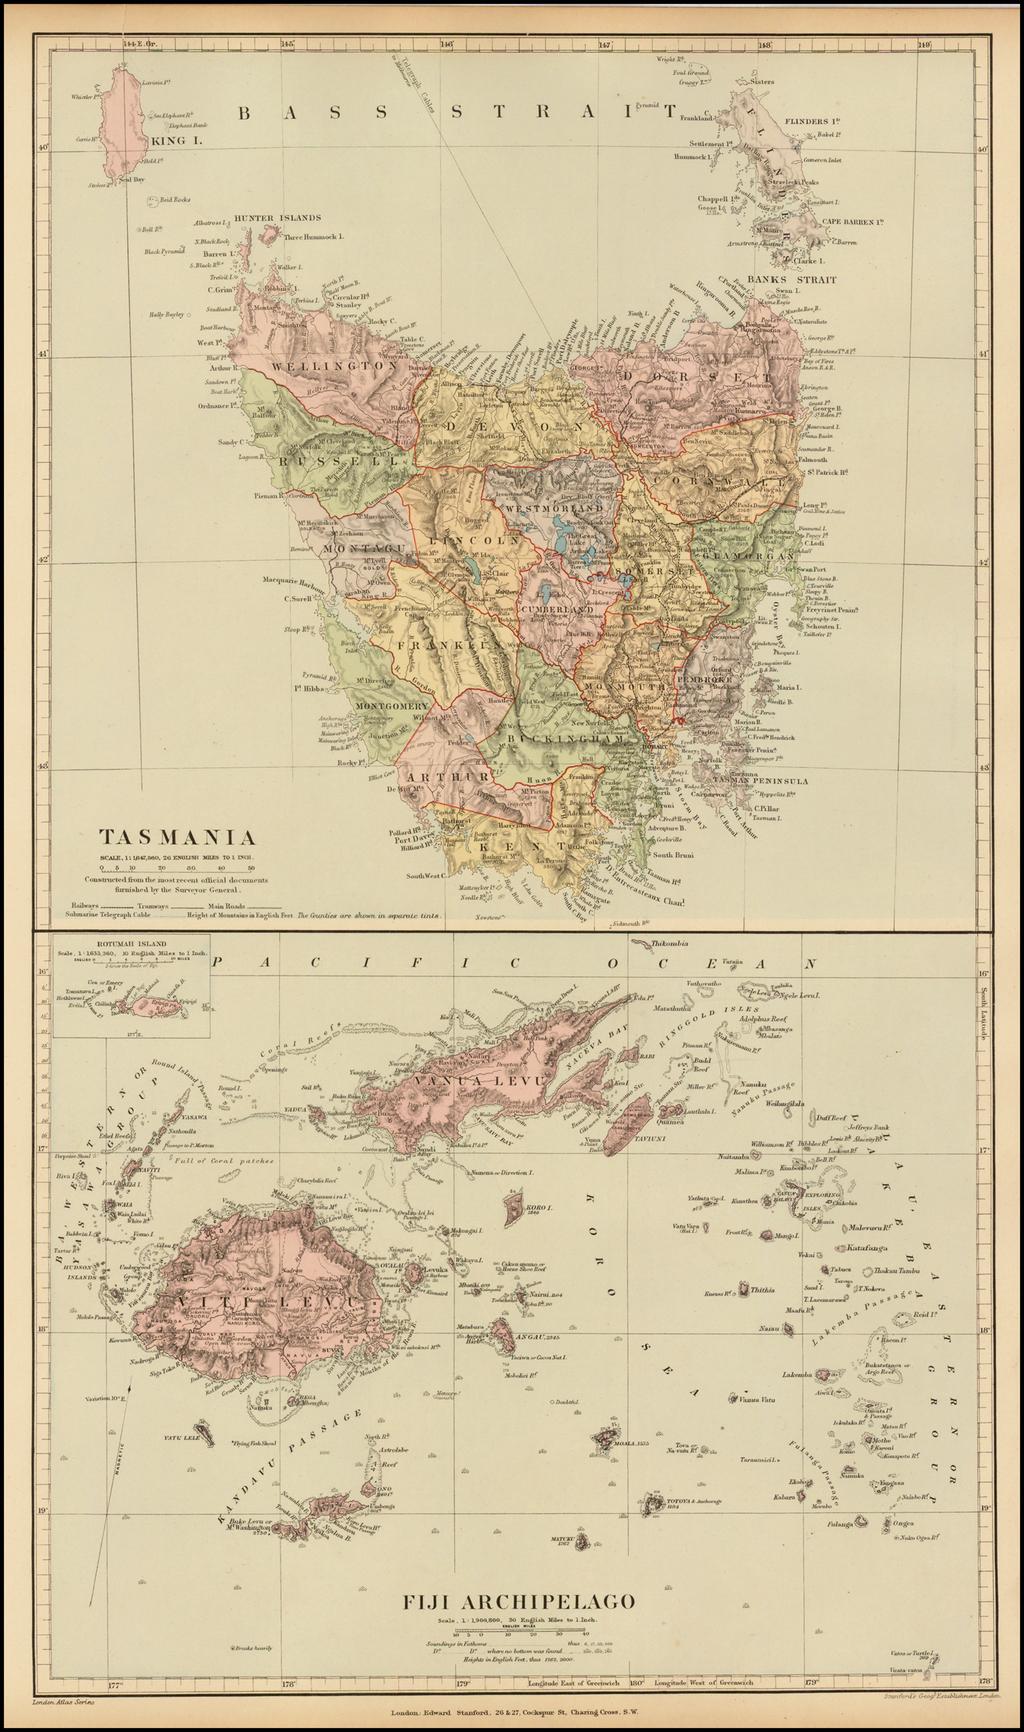 Tasmania / Fiji Archipelago By Edward Stanford